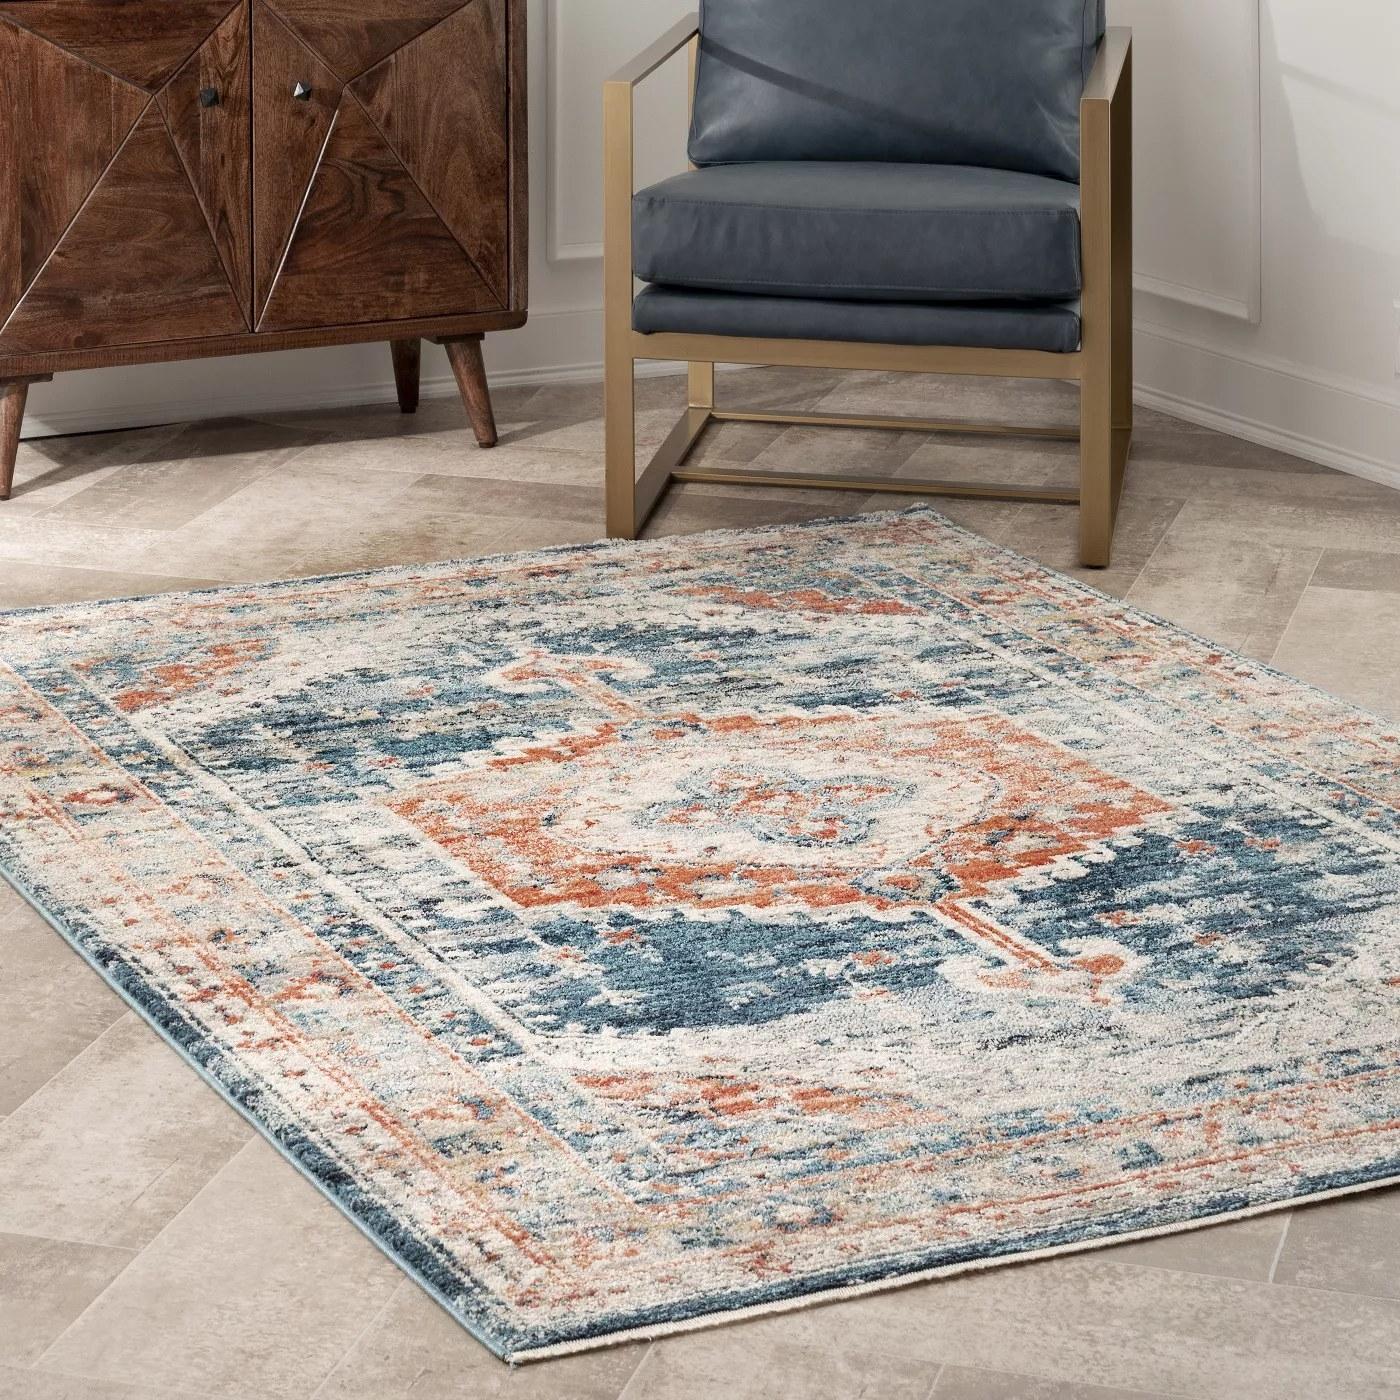 The medallion rug